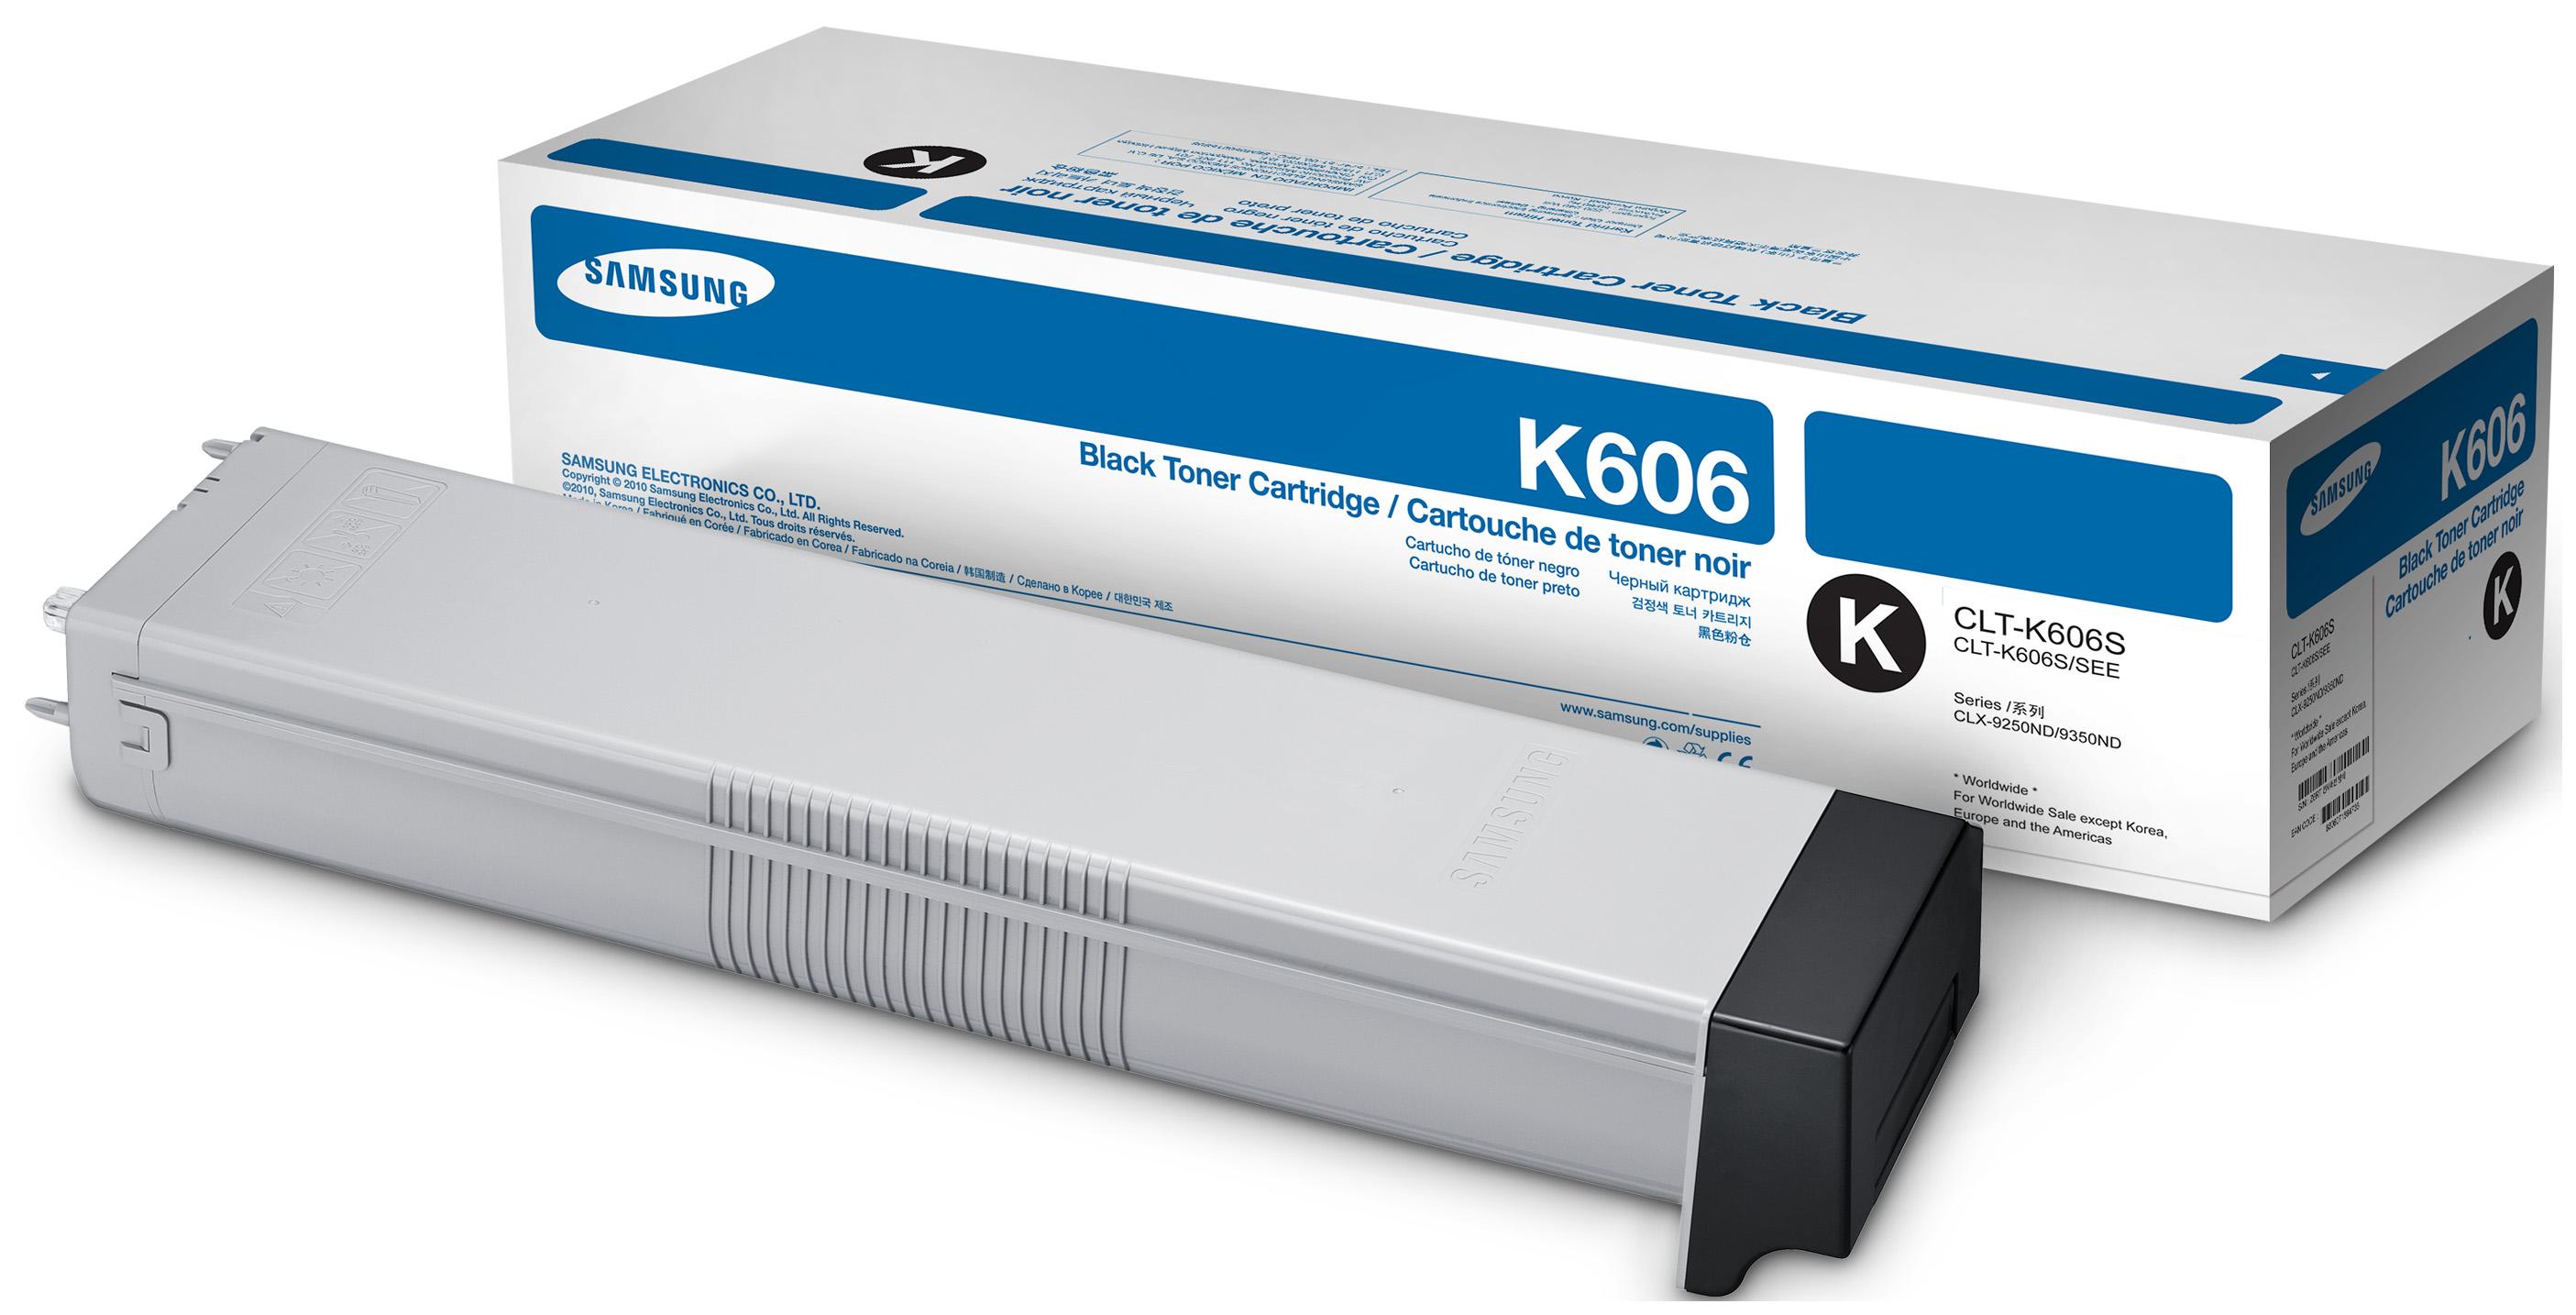 Картридж для лазерного принтера Samsung CLT-K606S, черный, оригинал